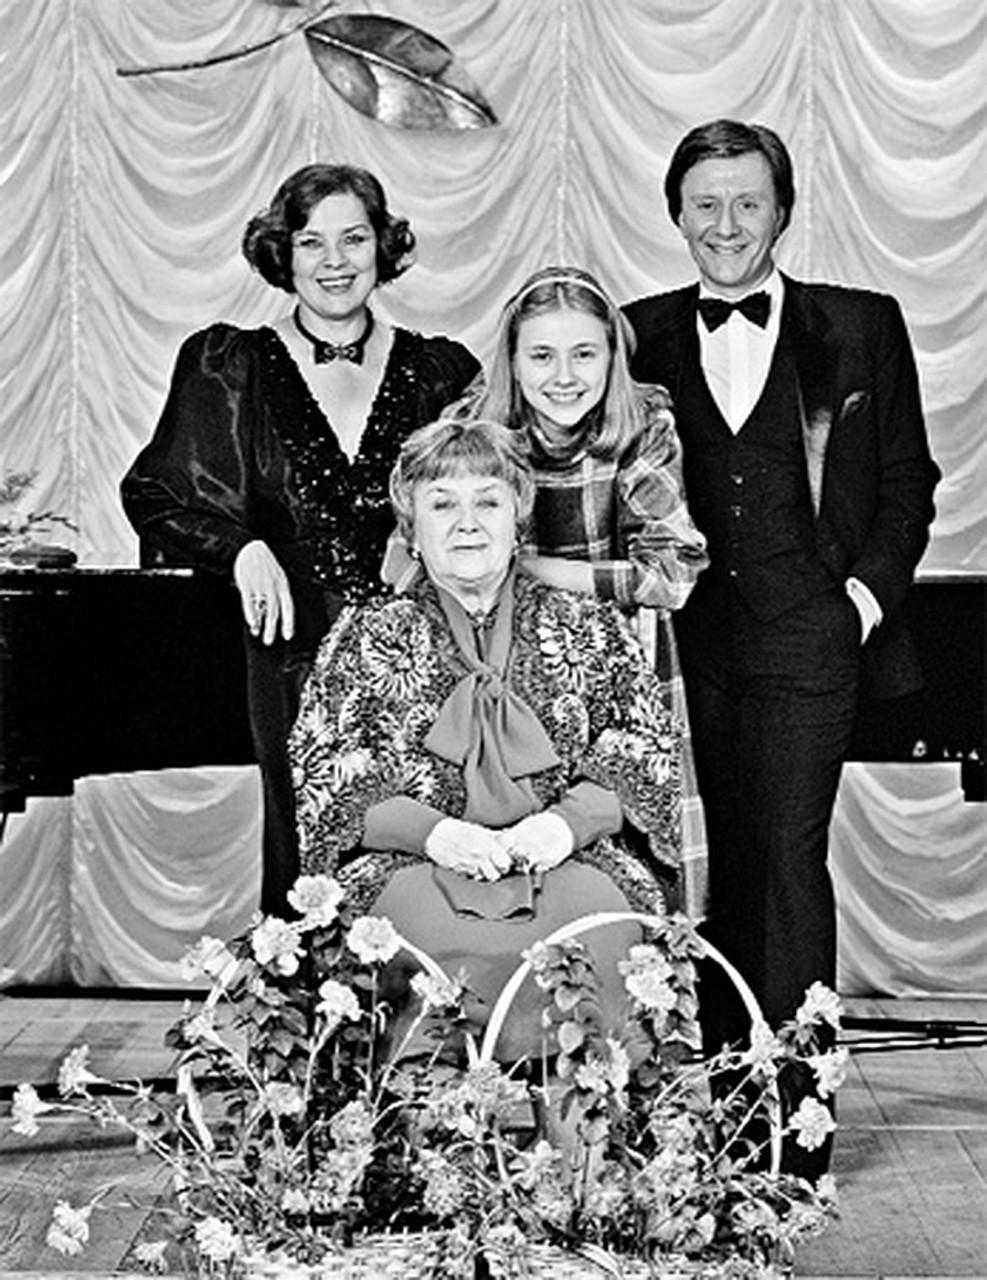 Звездное семейство: Лариса Голубкина, Мария Голубкина, Андрей Миронов и Мария Владимировна Миронова (в центре).